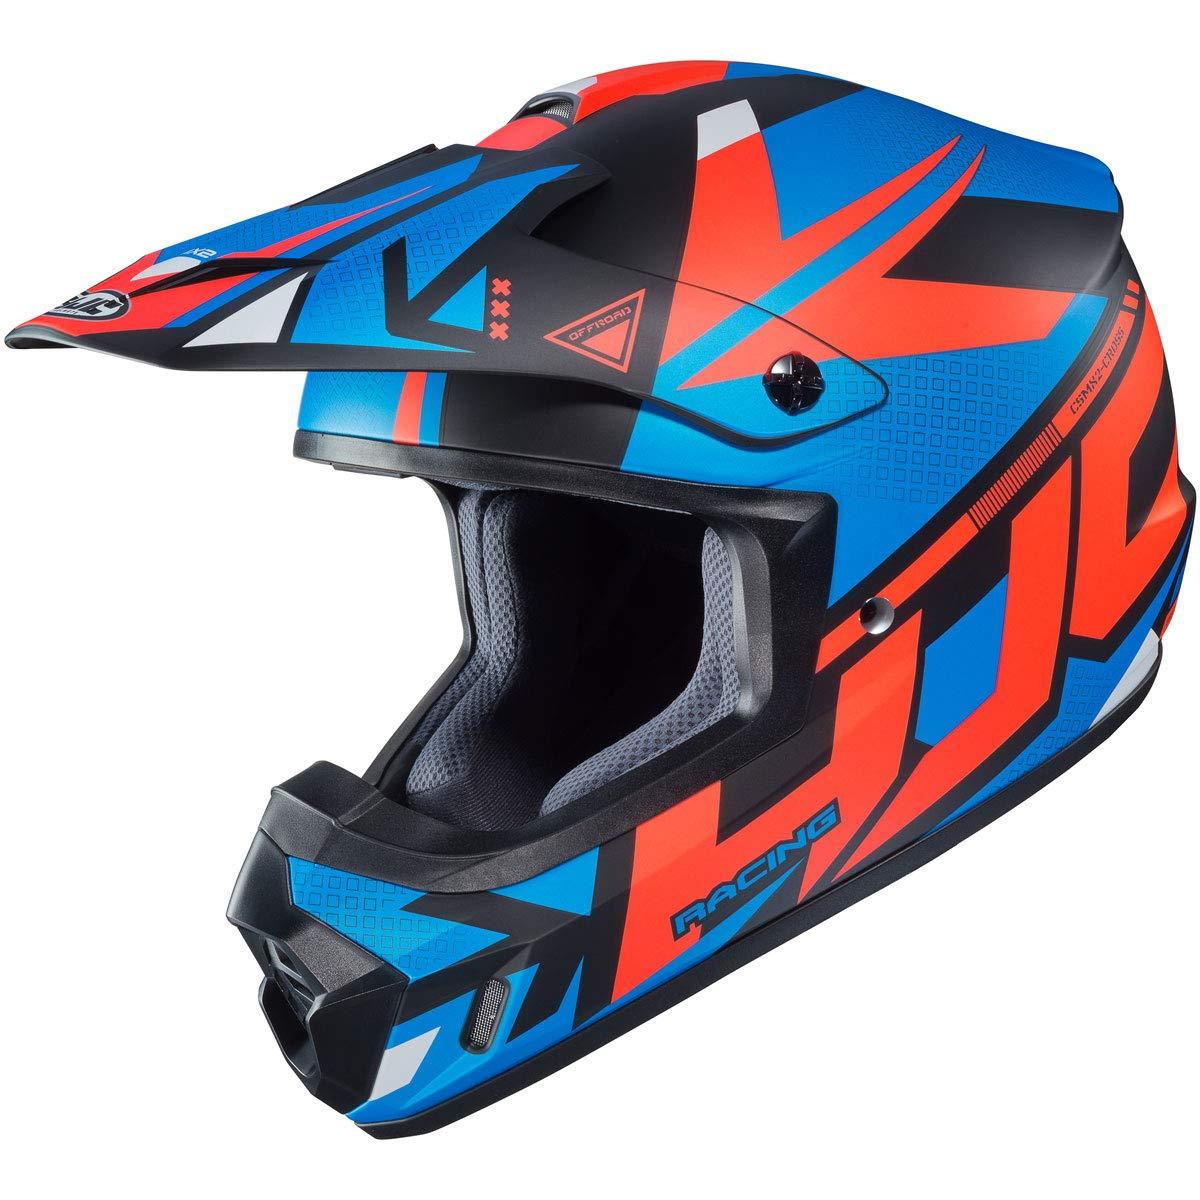 0871-1626-05 MEDIUM BLUE//ORANGE Madax HJC Helmets CS-MX2 Helmet